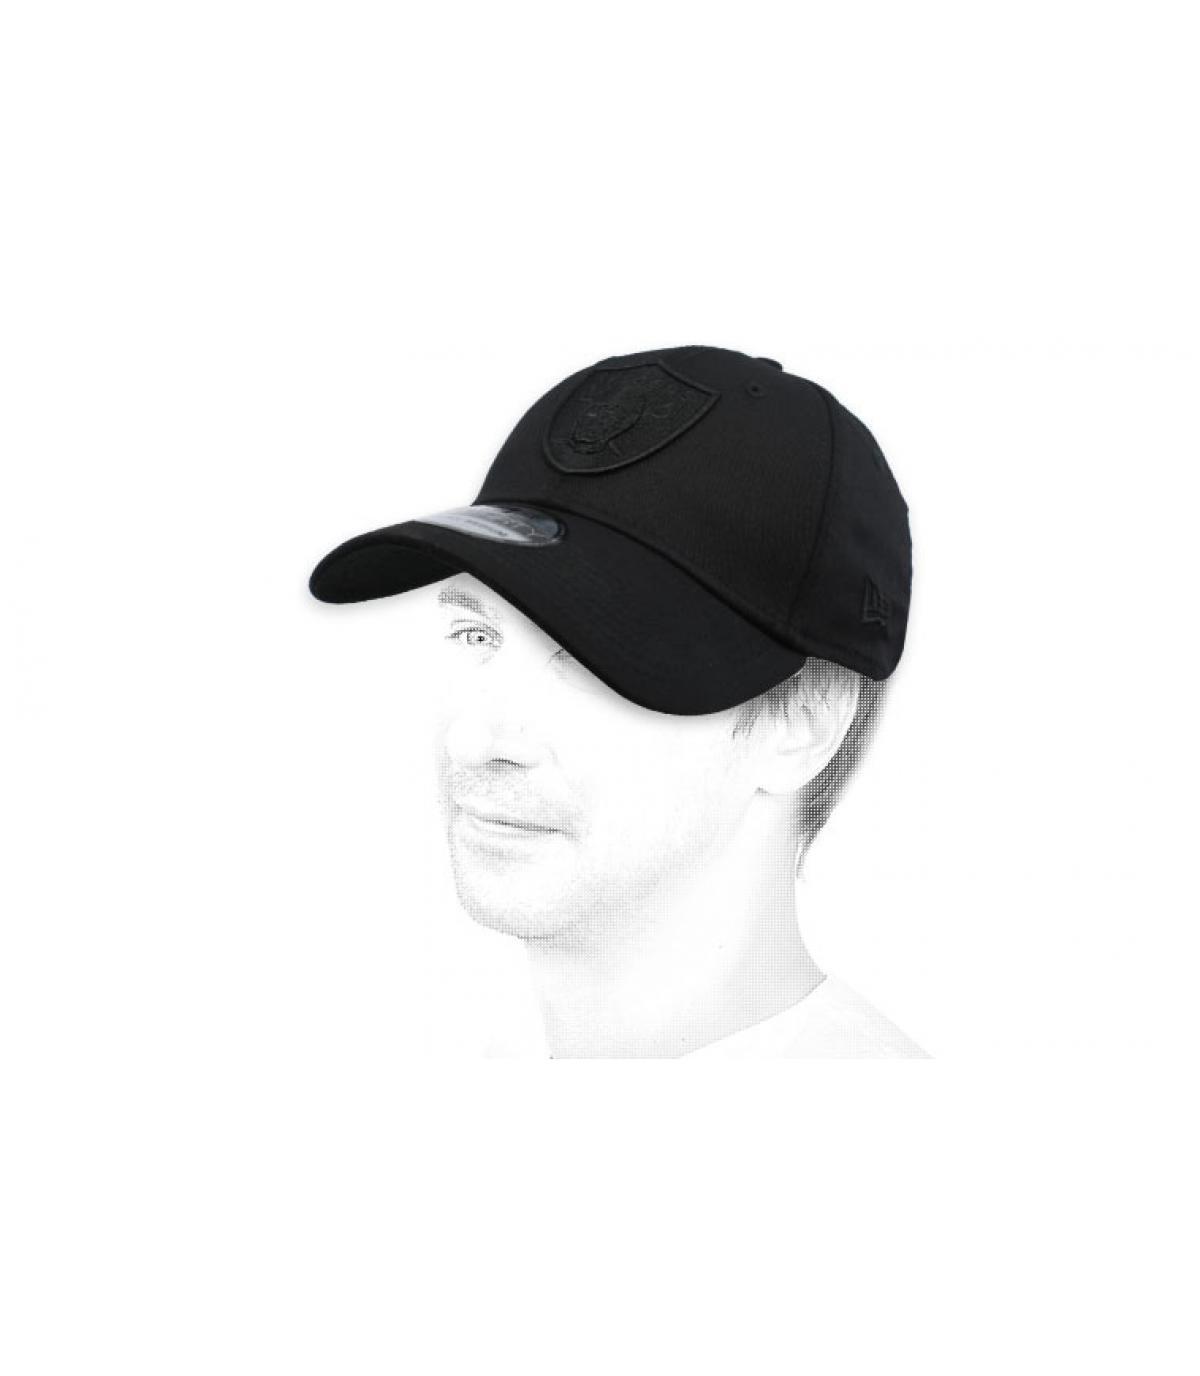 black Raiders cap